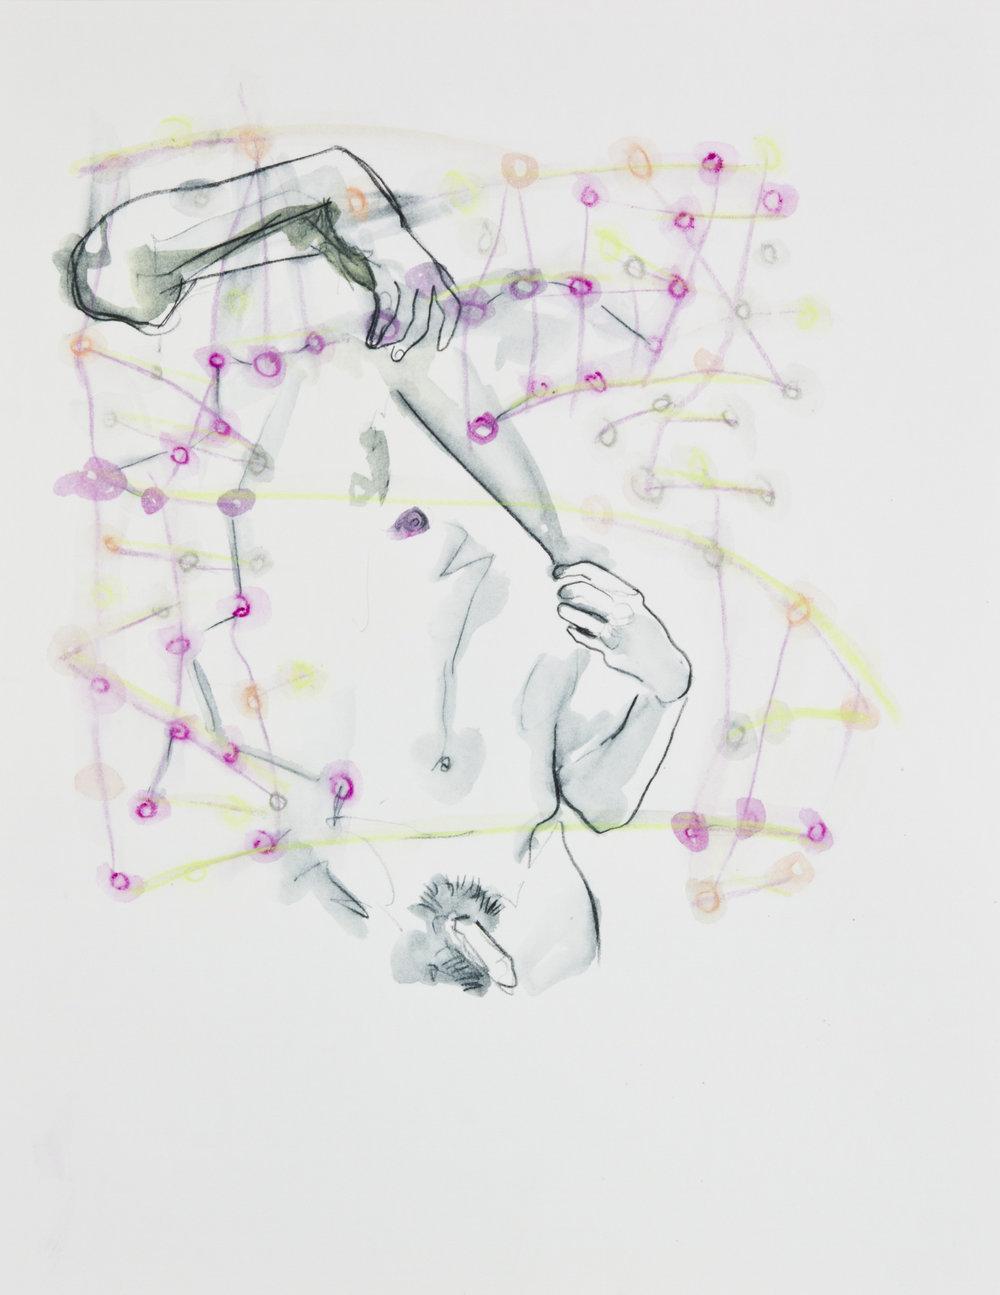 Cosmic Confetti, 2013, graphite and watercolor pencil on paper, 11x14 inches